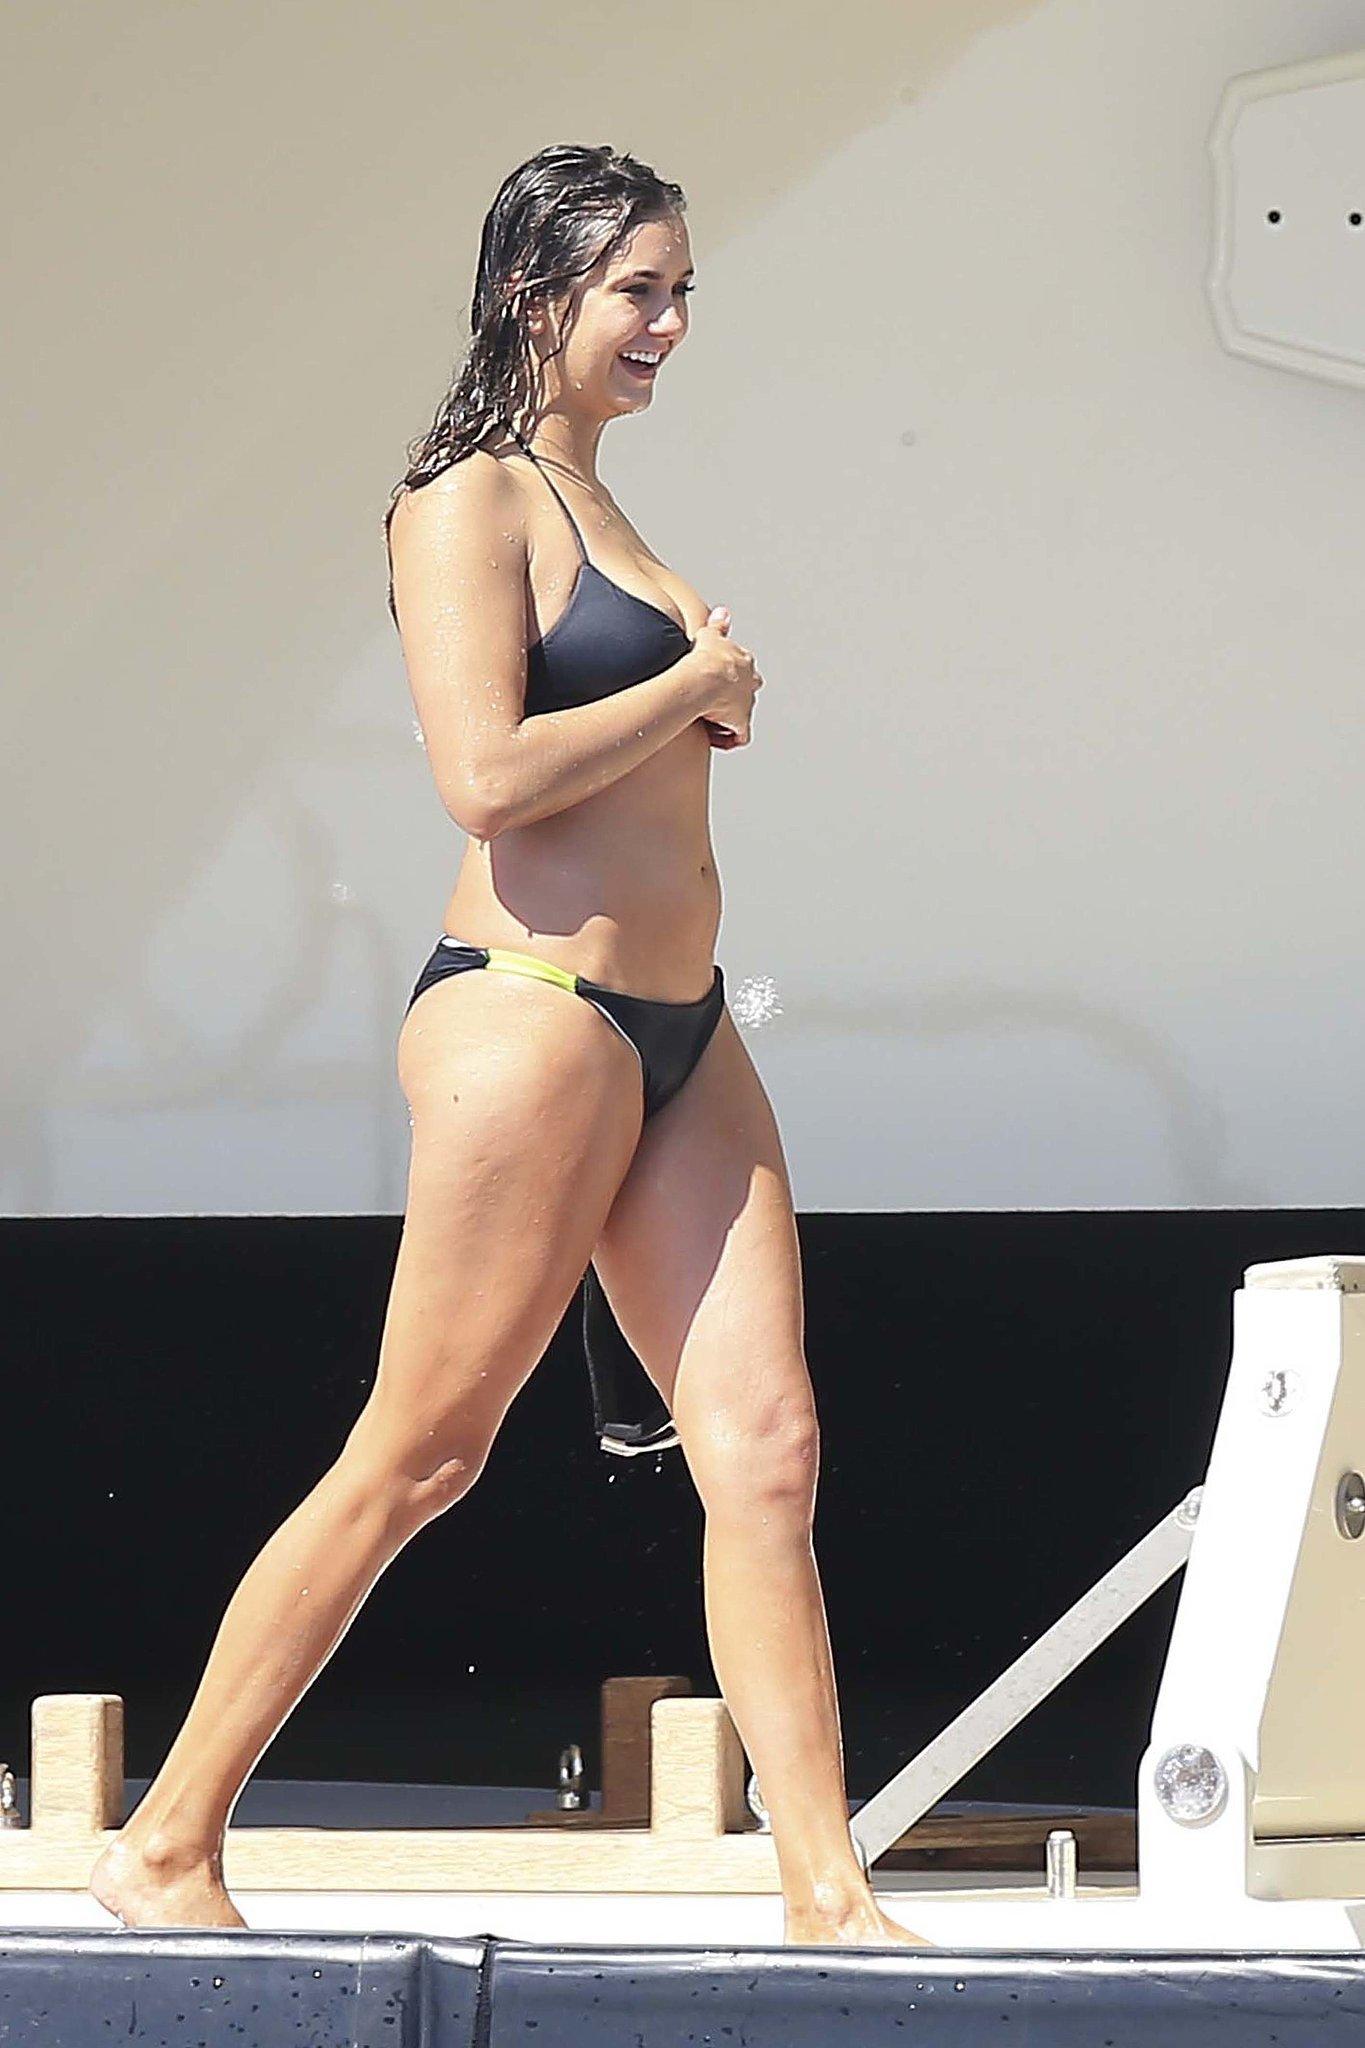 Nina Dobrev Bikini Bodies Pic 34 of 35